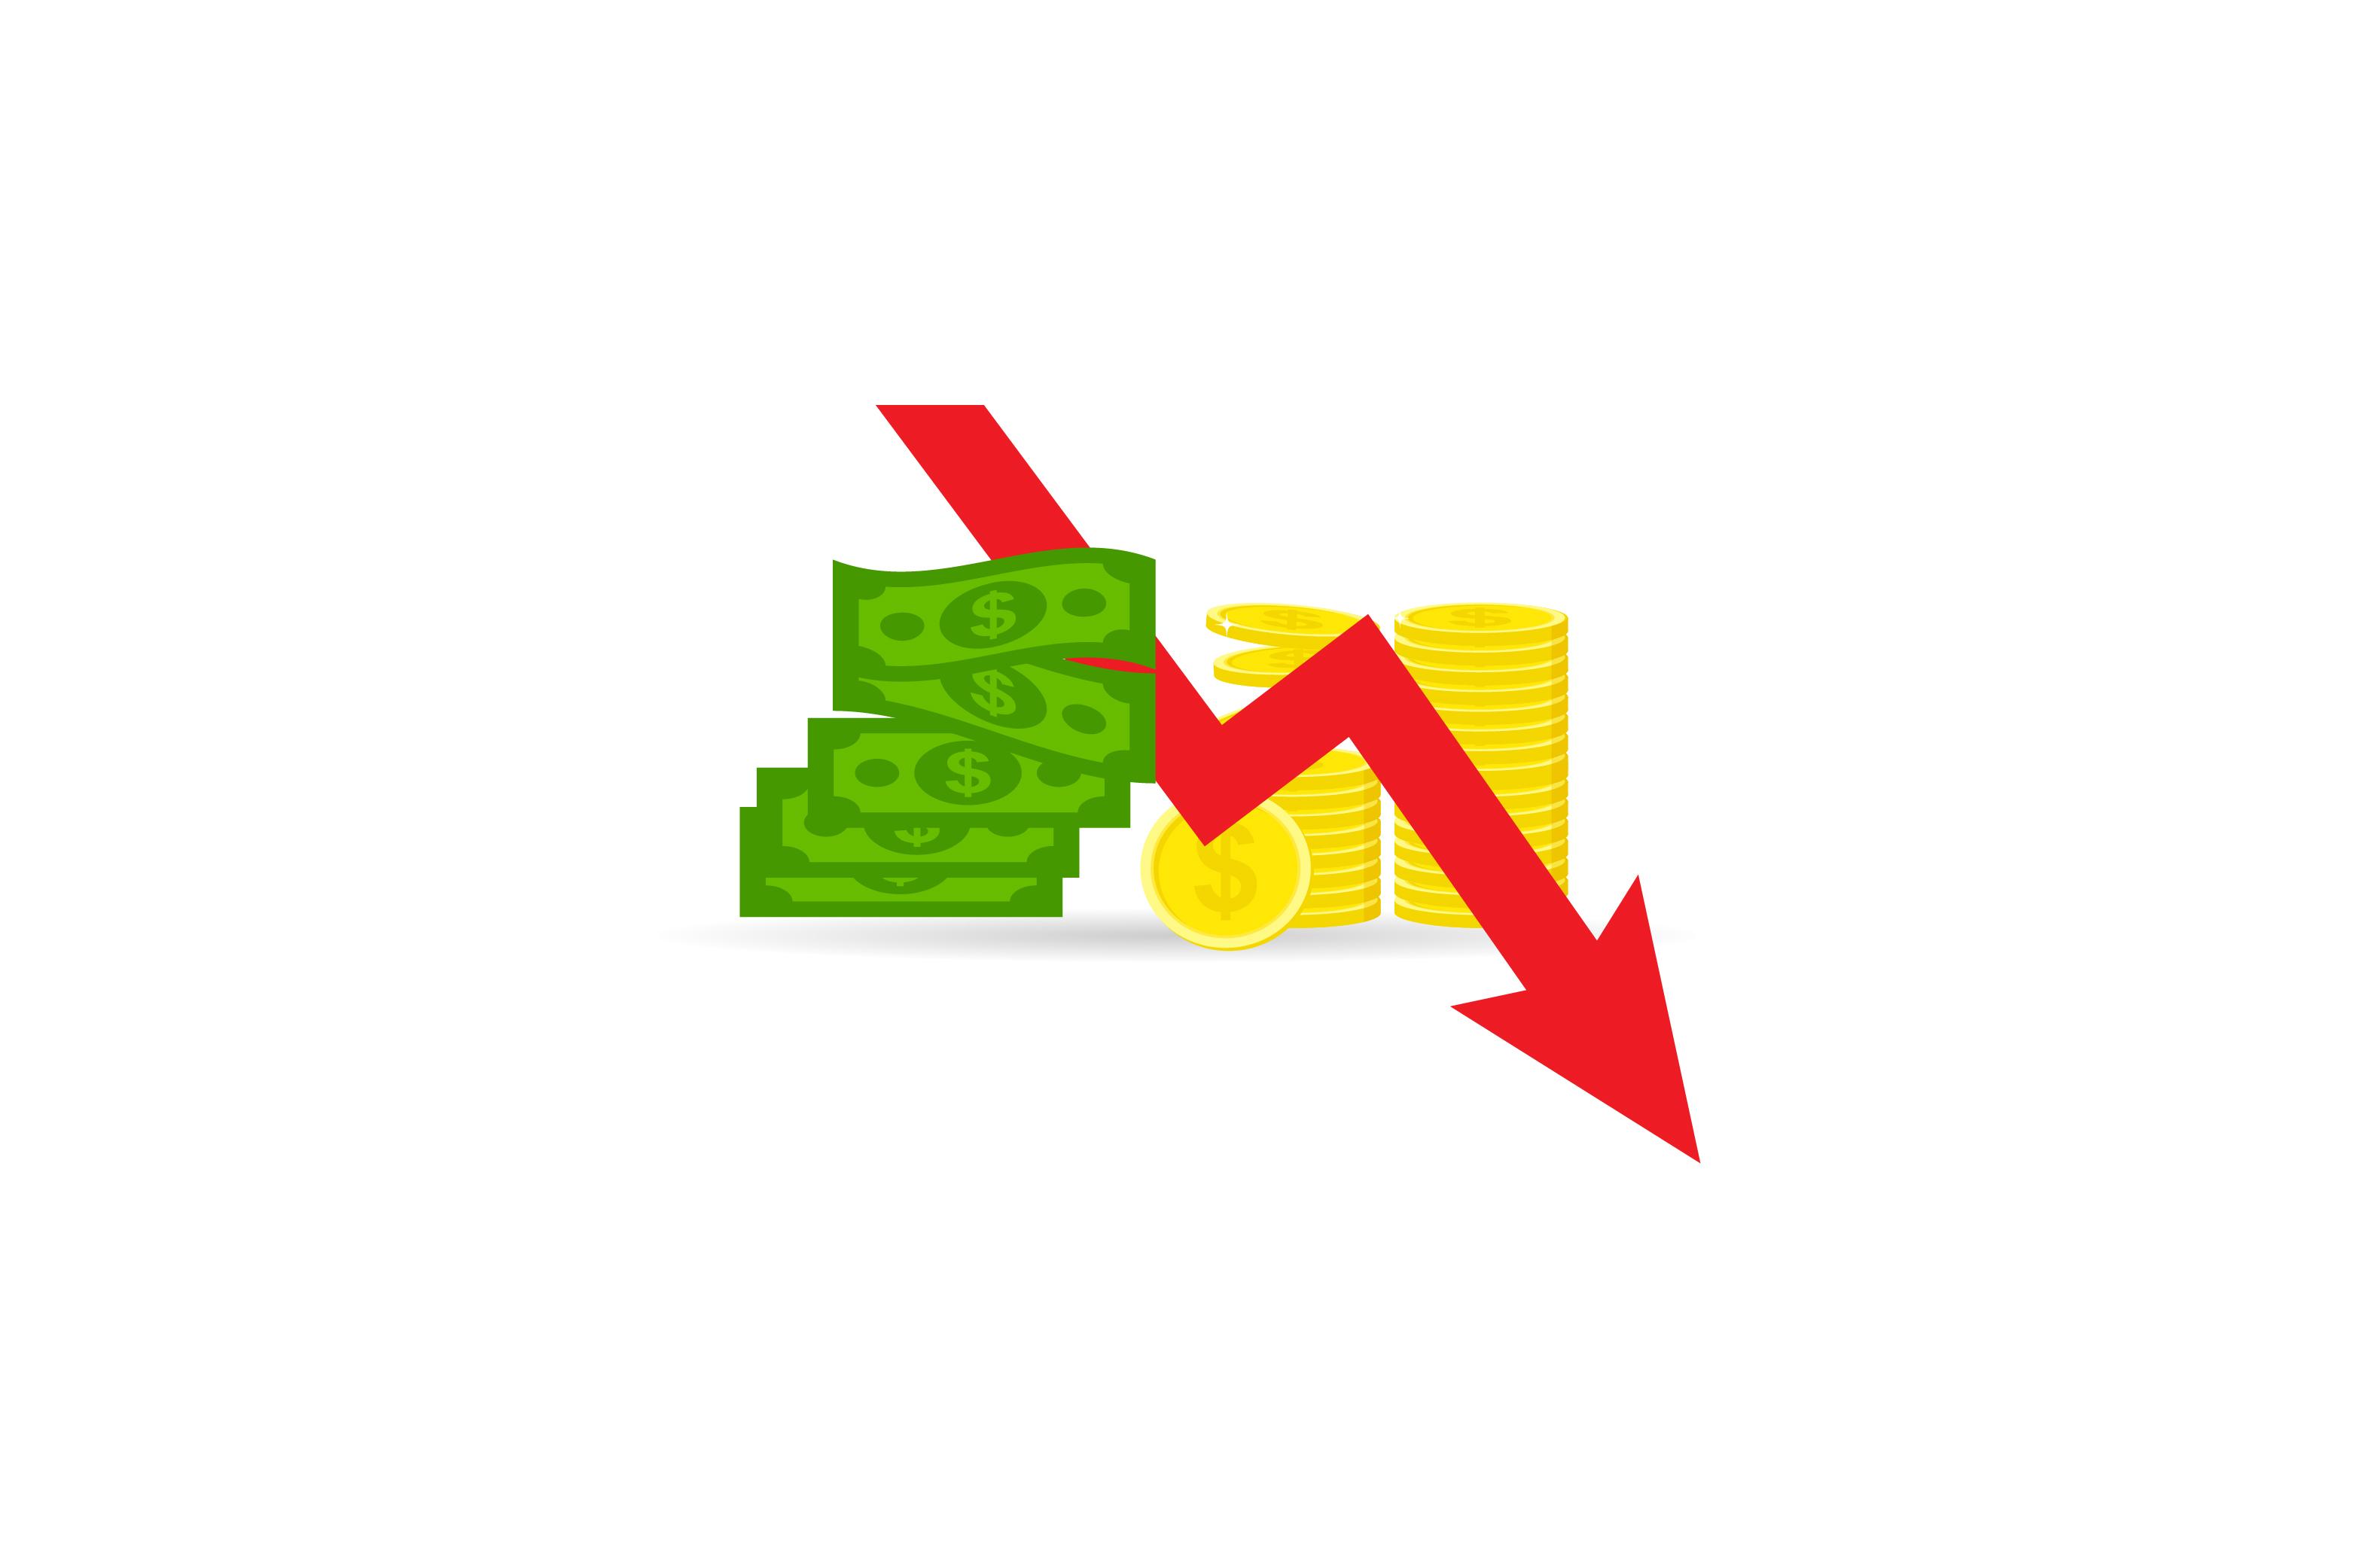 Money loss vector illustration.